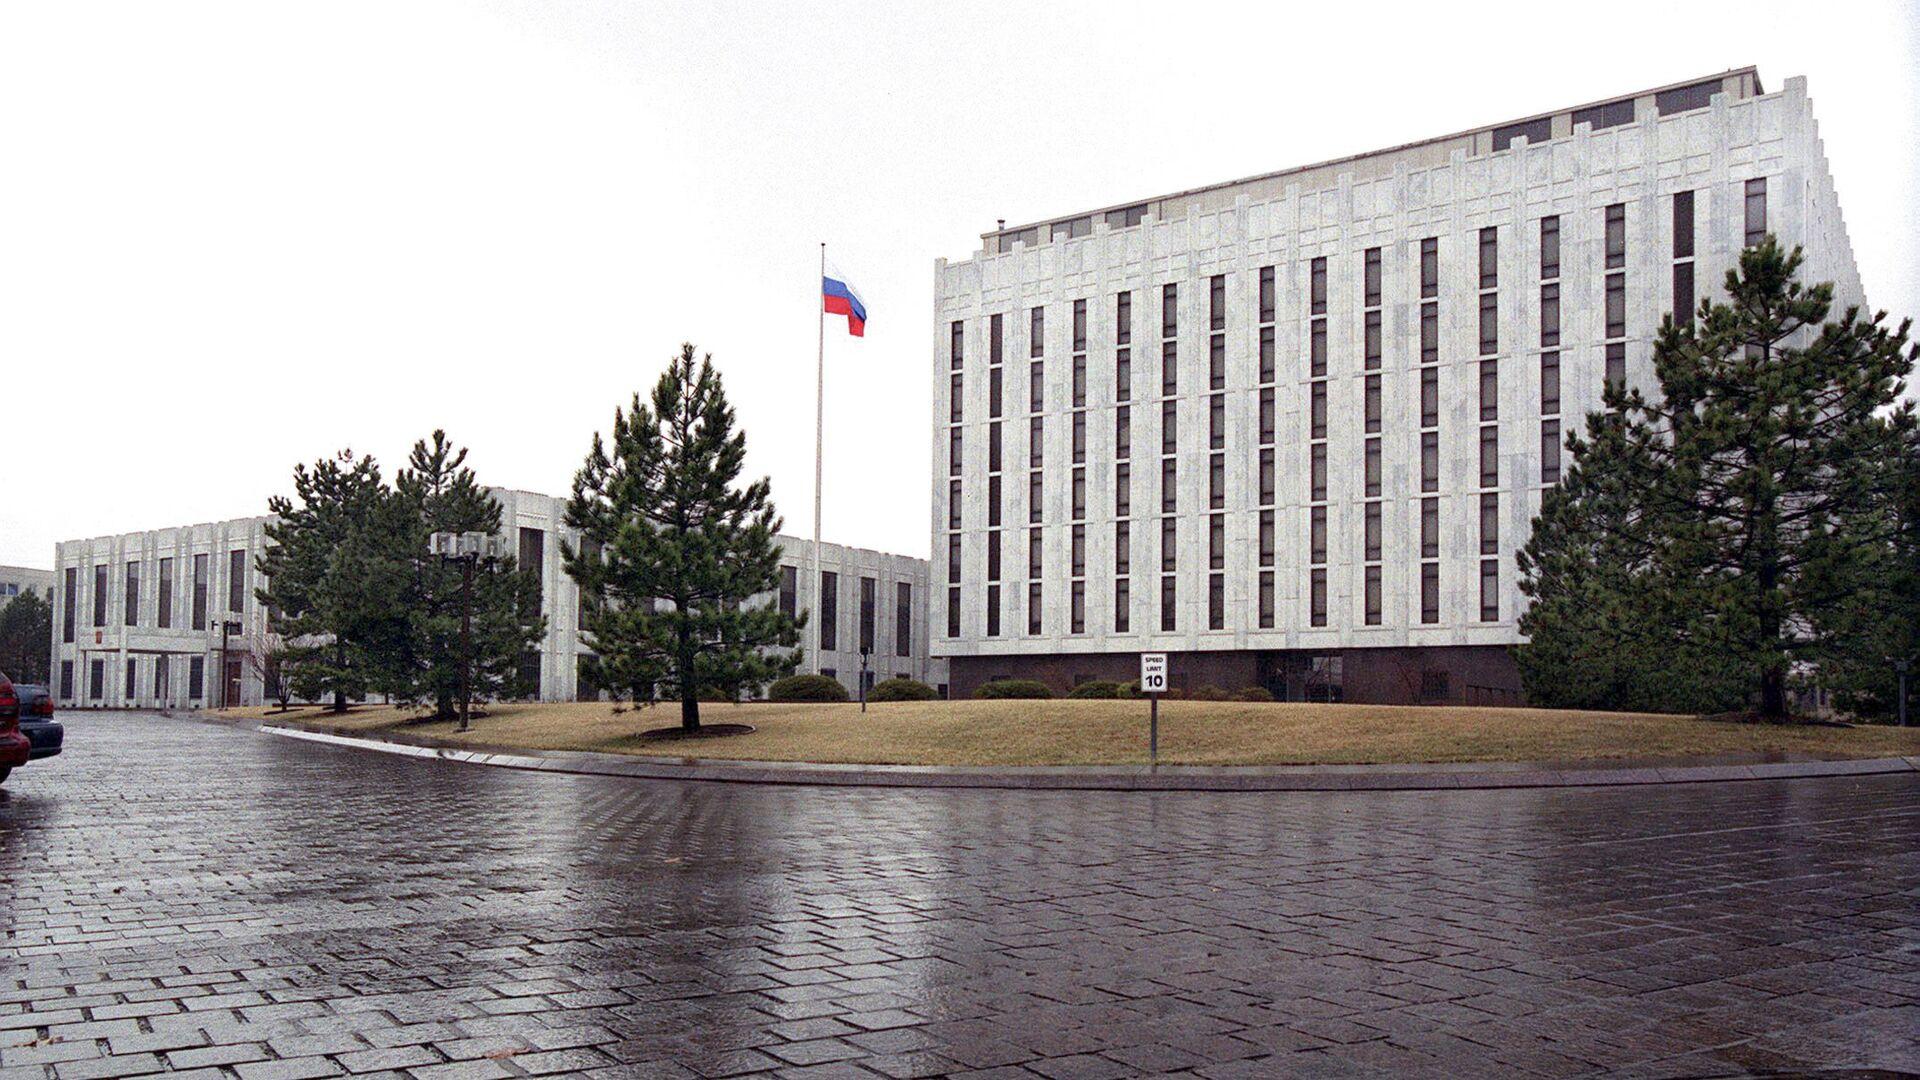 Здание Российского посольства в Вашингтоне - Sputnik Việt Nam, 1920, 17.03.2021